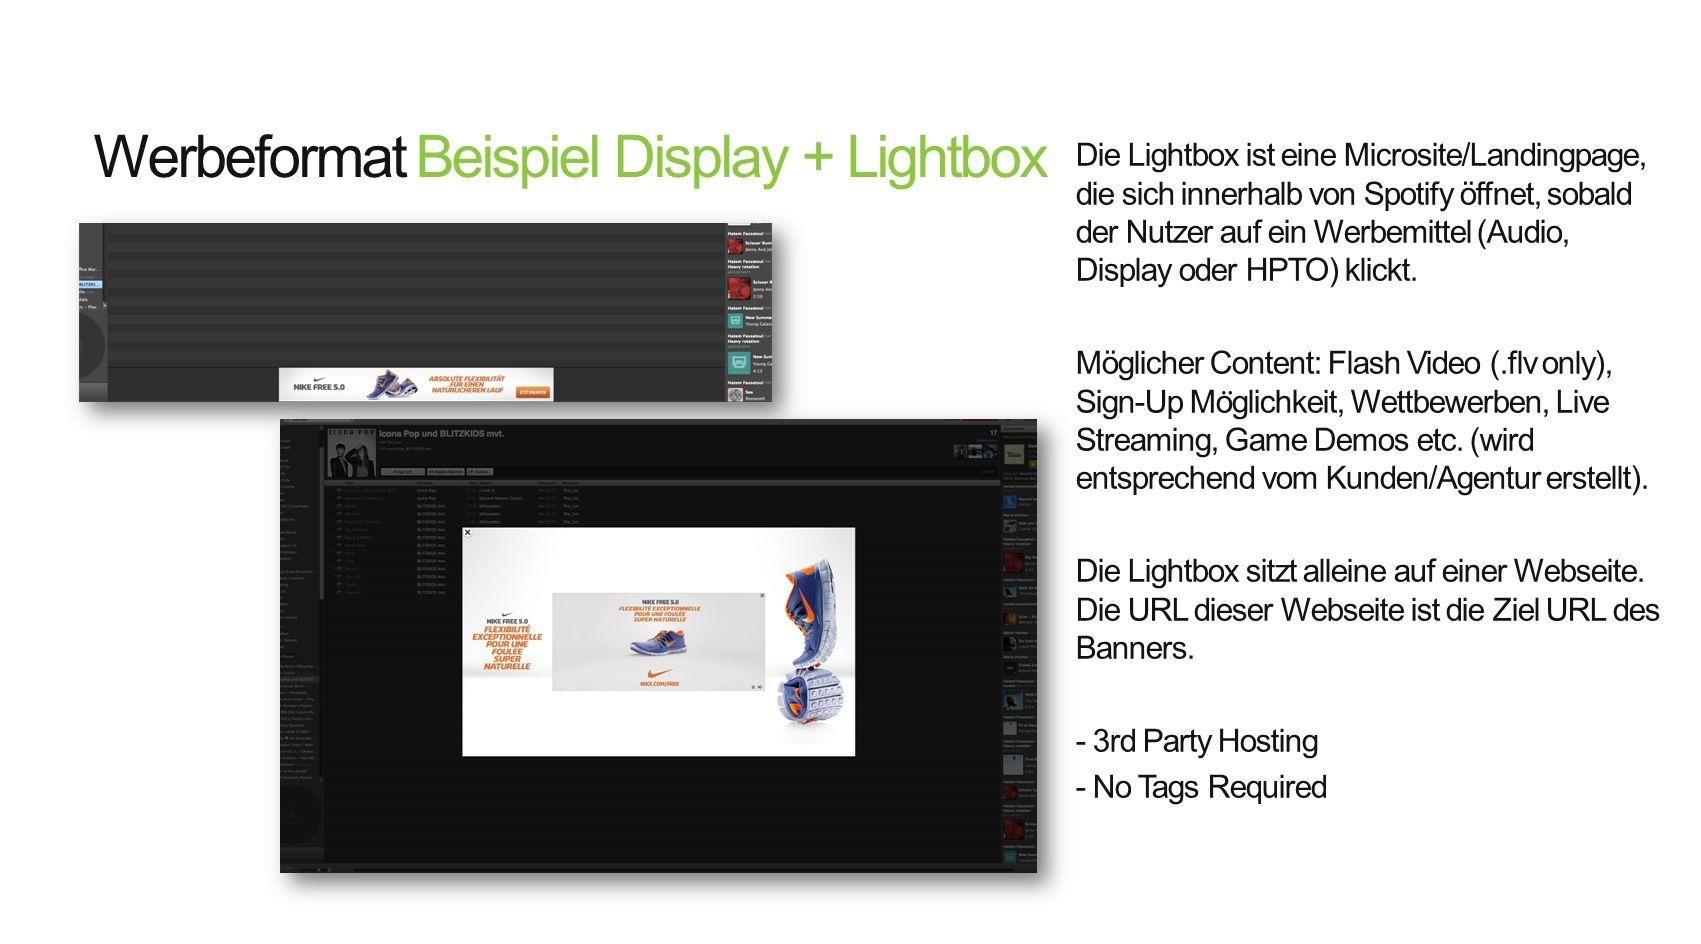 Hier sitzt die Lightbox und die URL dieser Seite ist die Ziel URL des Banners: http://services.serving-sys.com/HostingServices/custdev/site- 2611/Lightbox_Spotify_Nordics.html